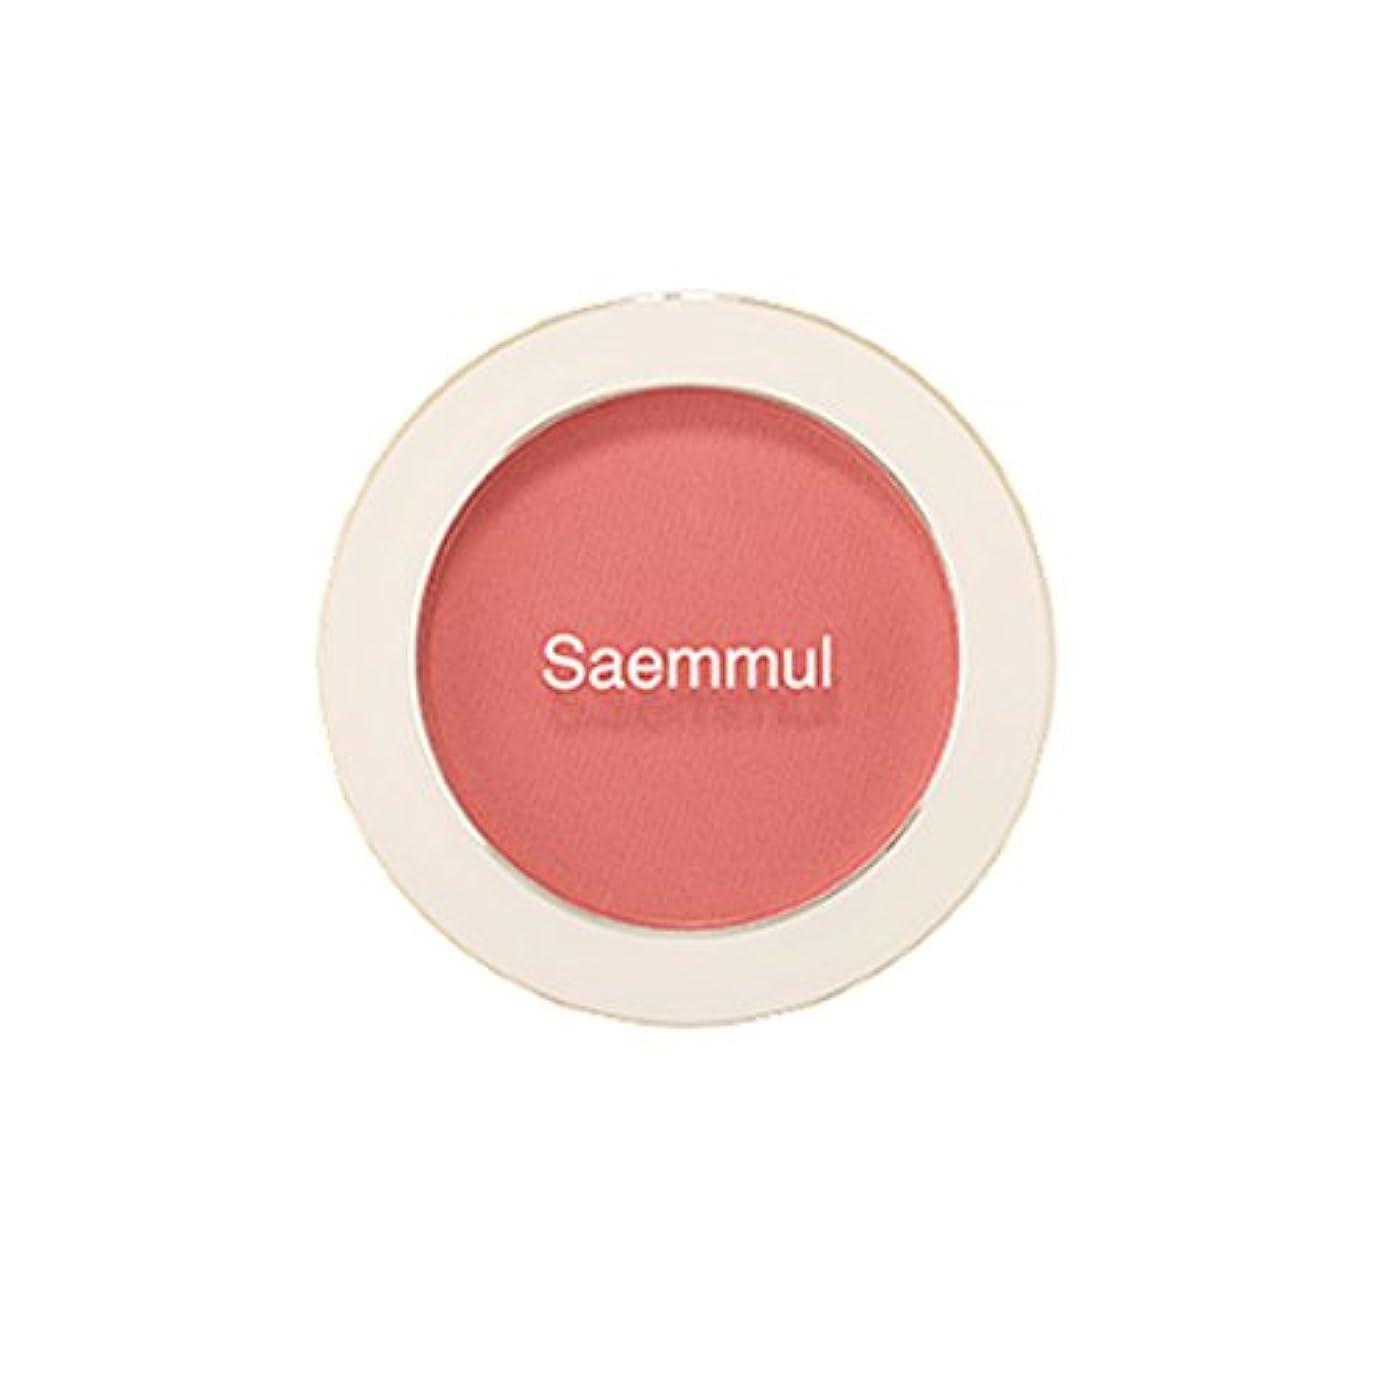 傷跡流行しているり[ザセム] The Saem セムムル シングル チーク Saemmul Single Blusher (海外直送品) (CR02ベビーコーラル) [並行輸入品]